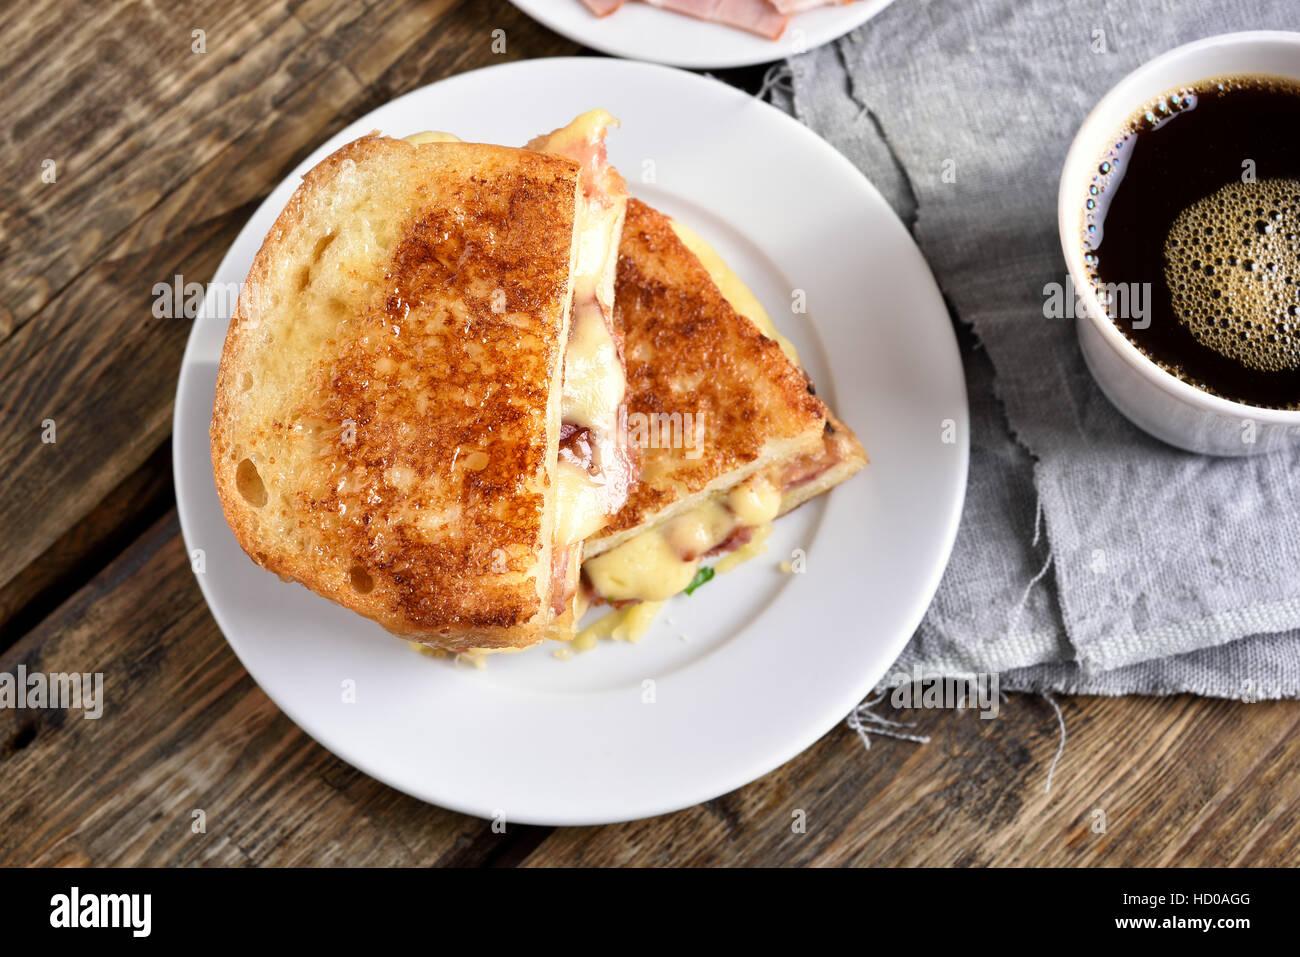 La colazione tostare sandwich con pancetta e formaggio, vista dall'alto Immagini Stock